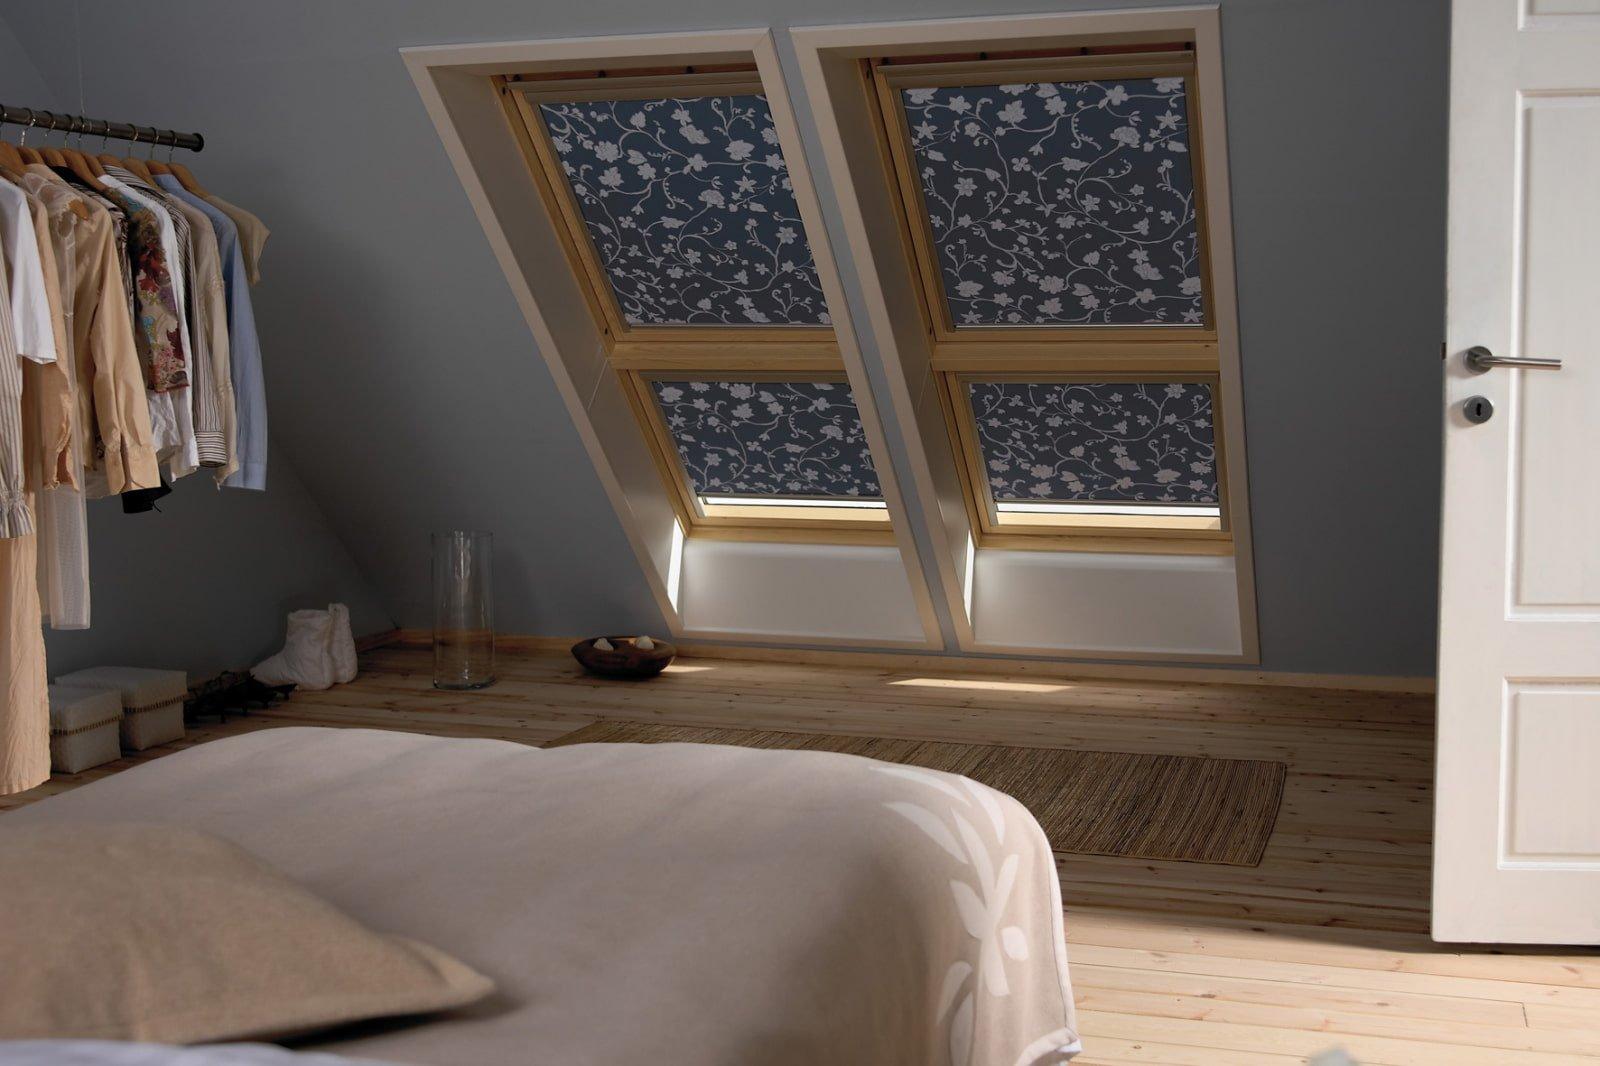 Рулонные шторы на окнах мансарды